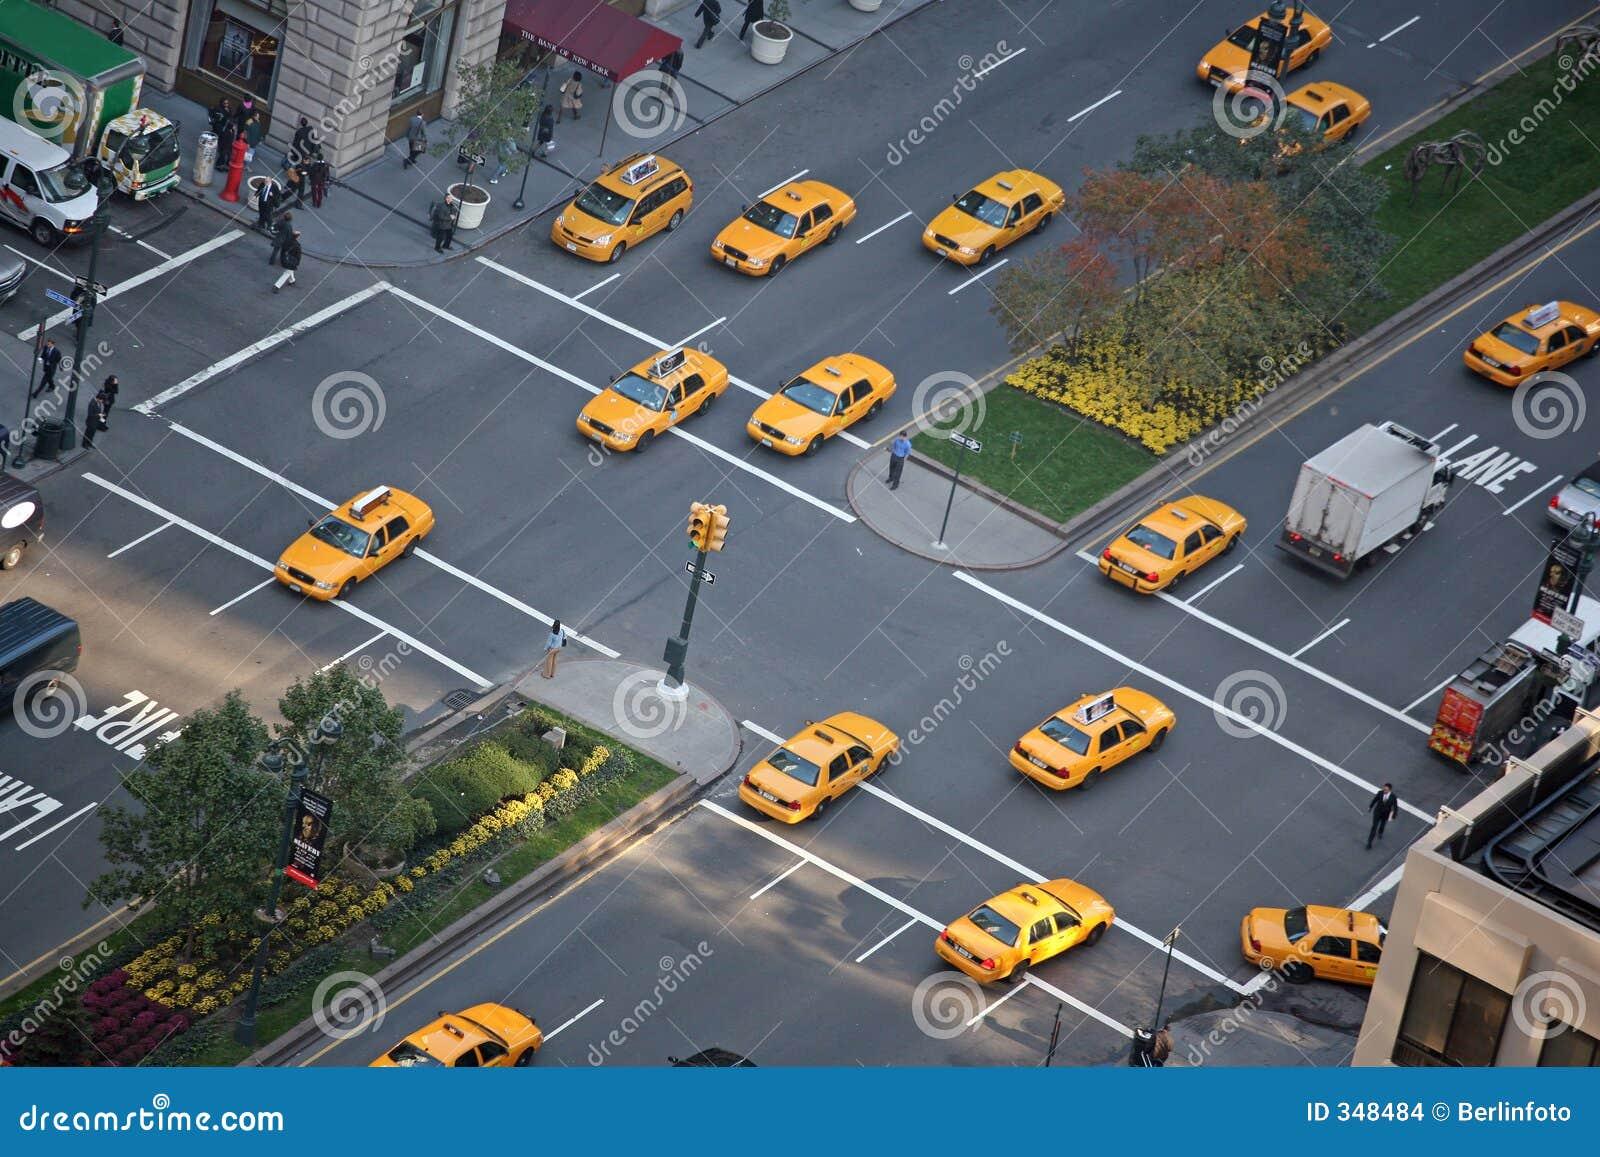 De parade van de taxi